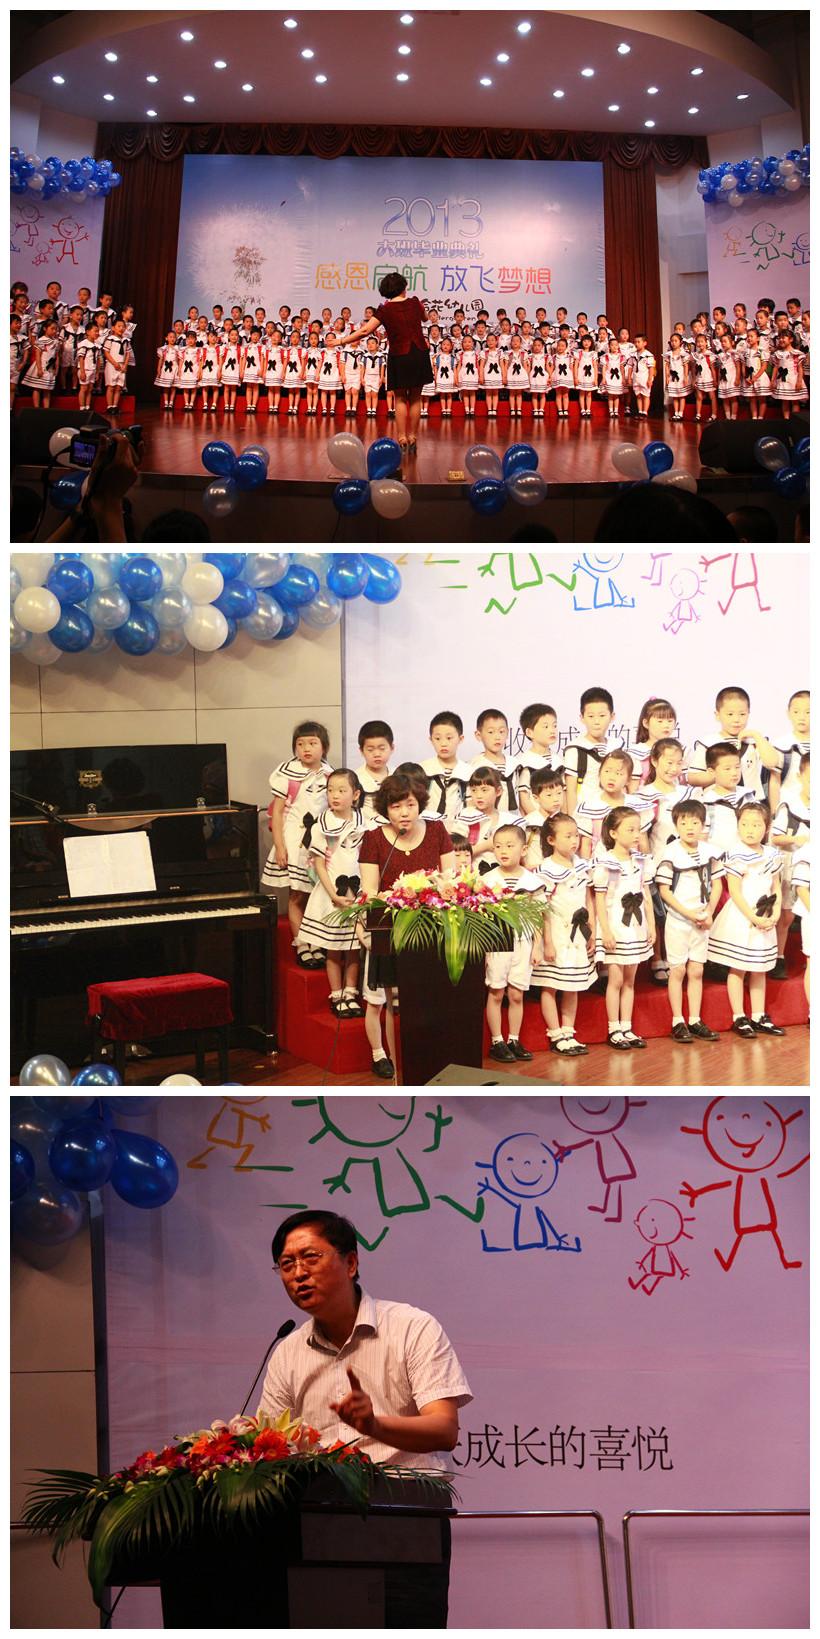 百合花幼儿园隆重举行大班幼儿毕业典礼